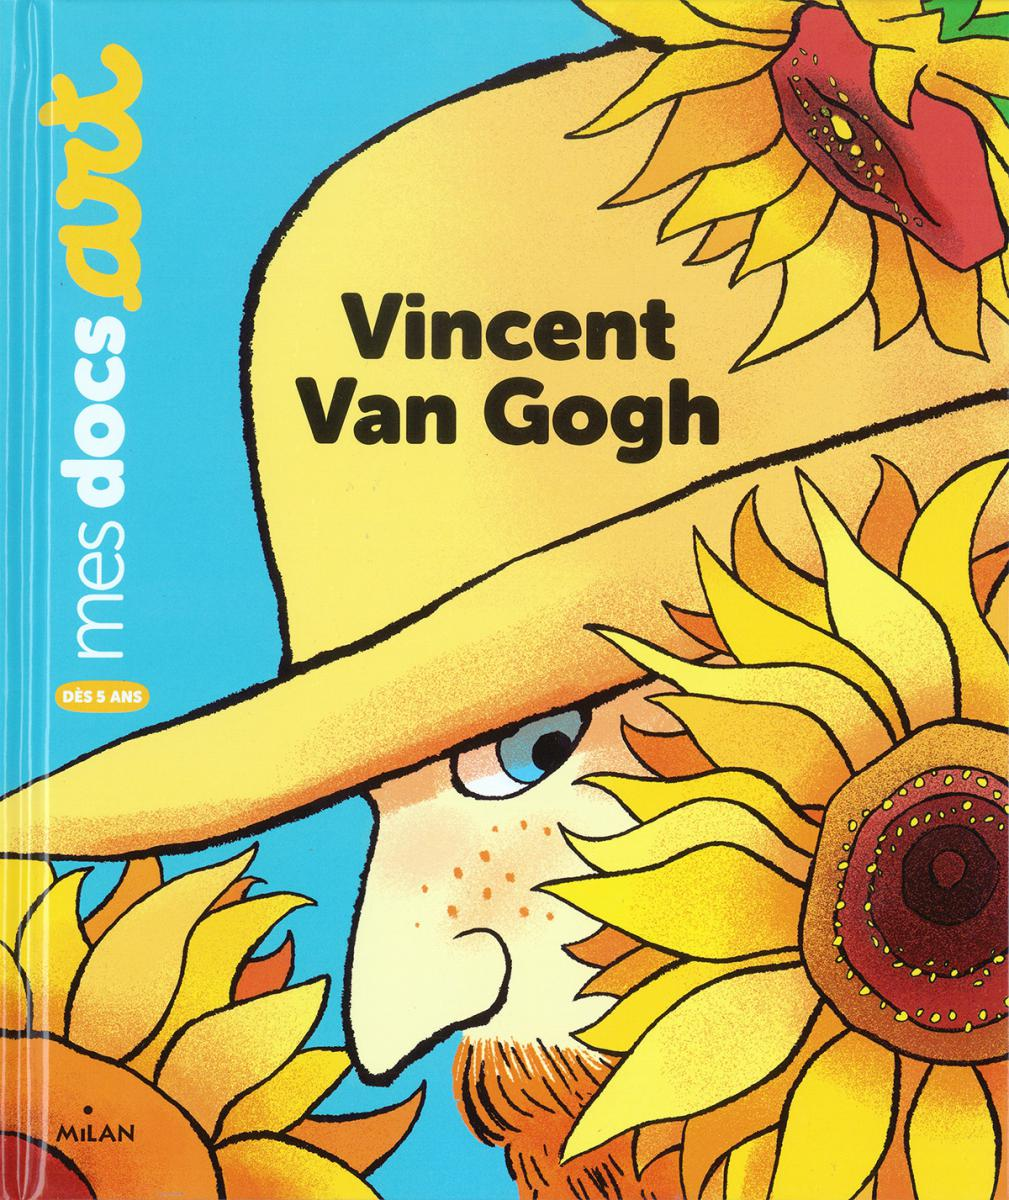 Mes docs art - Vincent Van Gogh